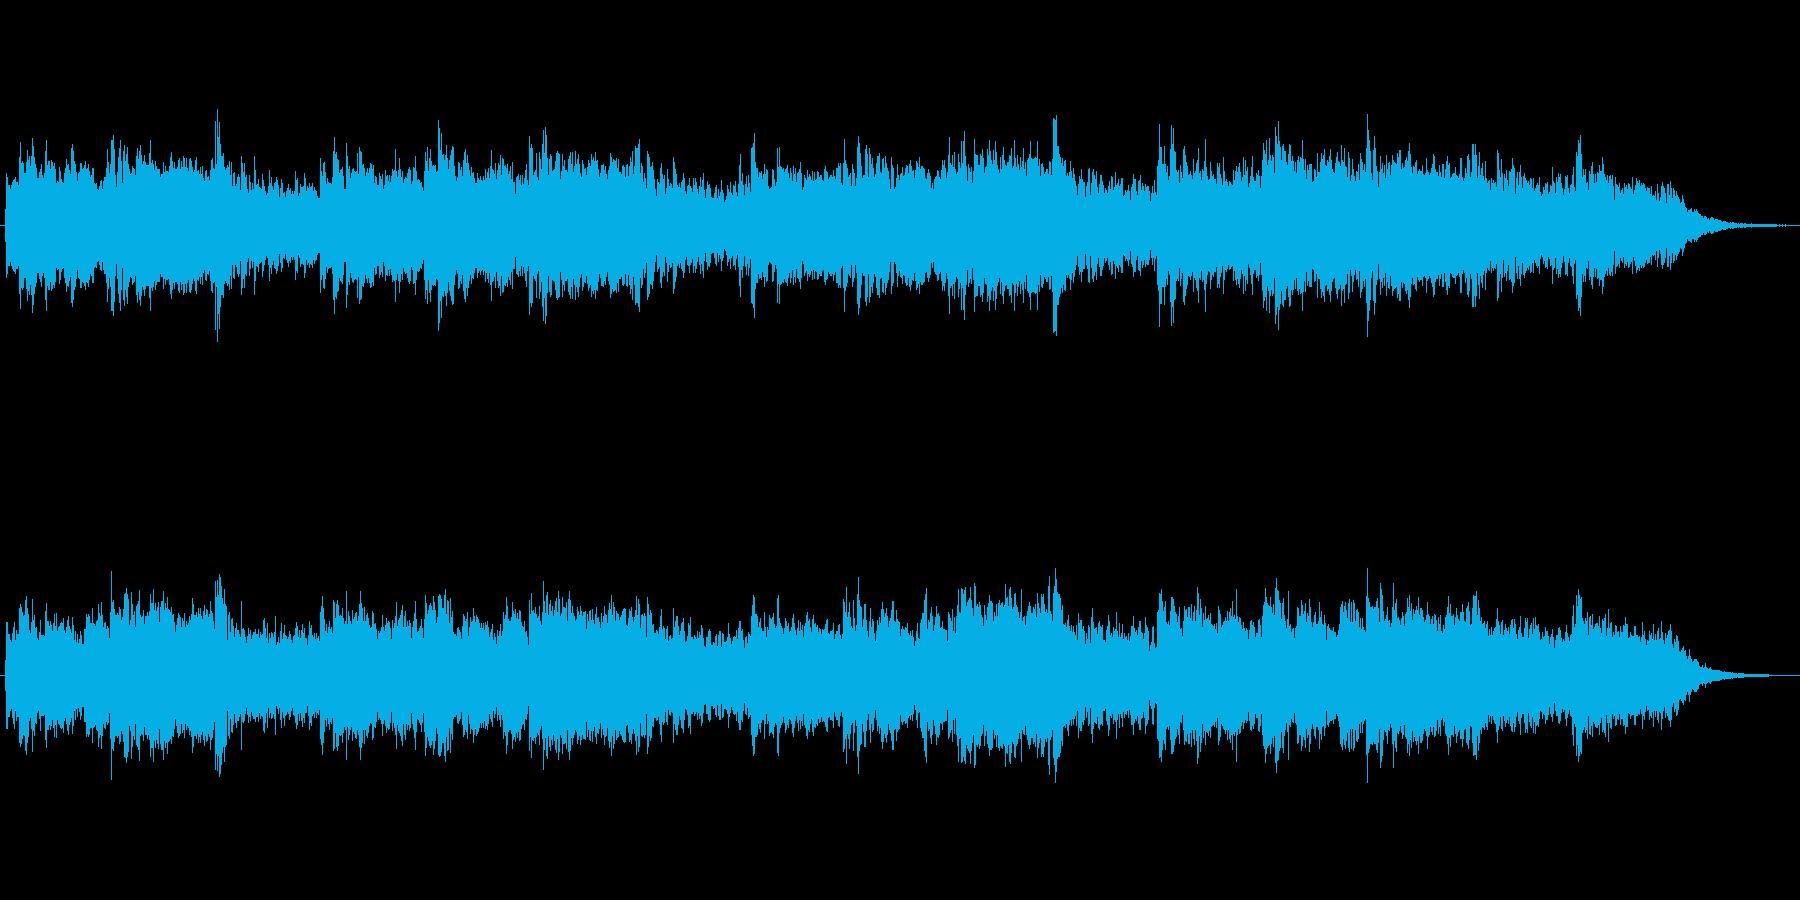 ミニマルな雰囲気のアンビエントジングル2の再生済みの波形